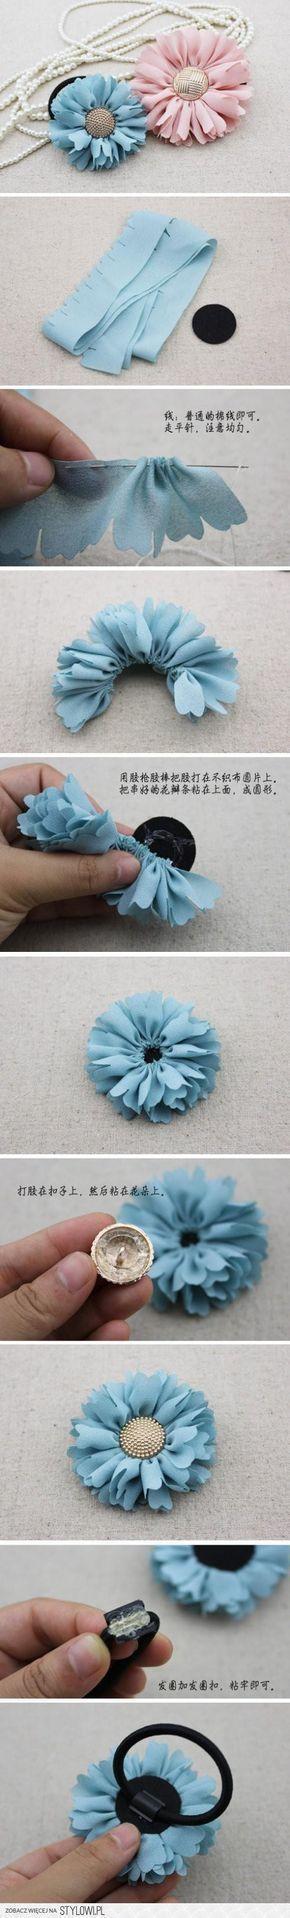 DIY Tutorial: Wedding Flowers / DIY Hair Ties - Bead&Cord